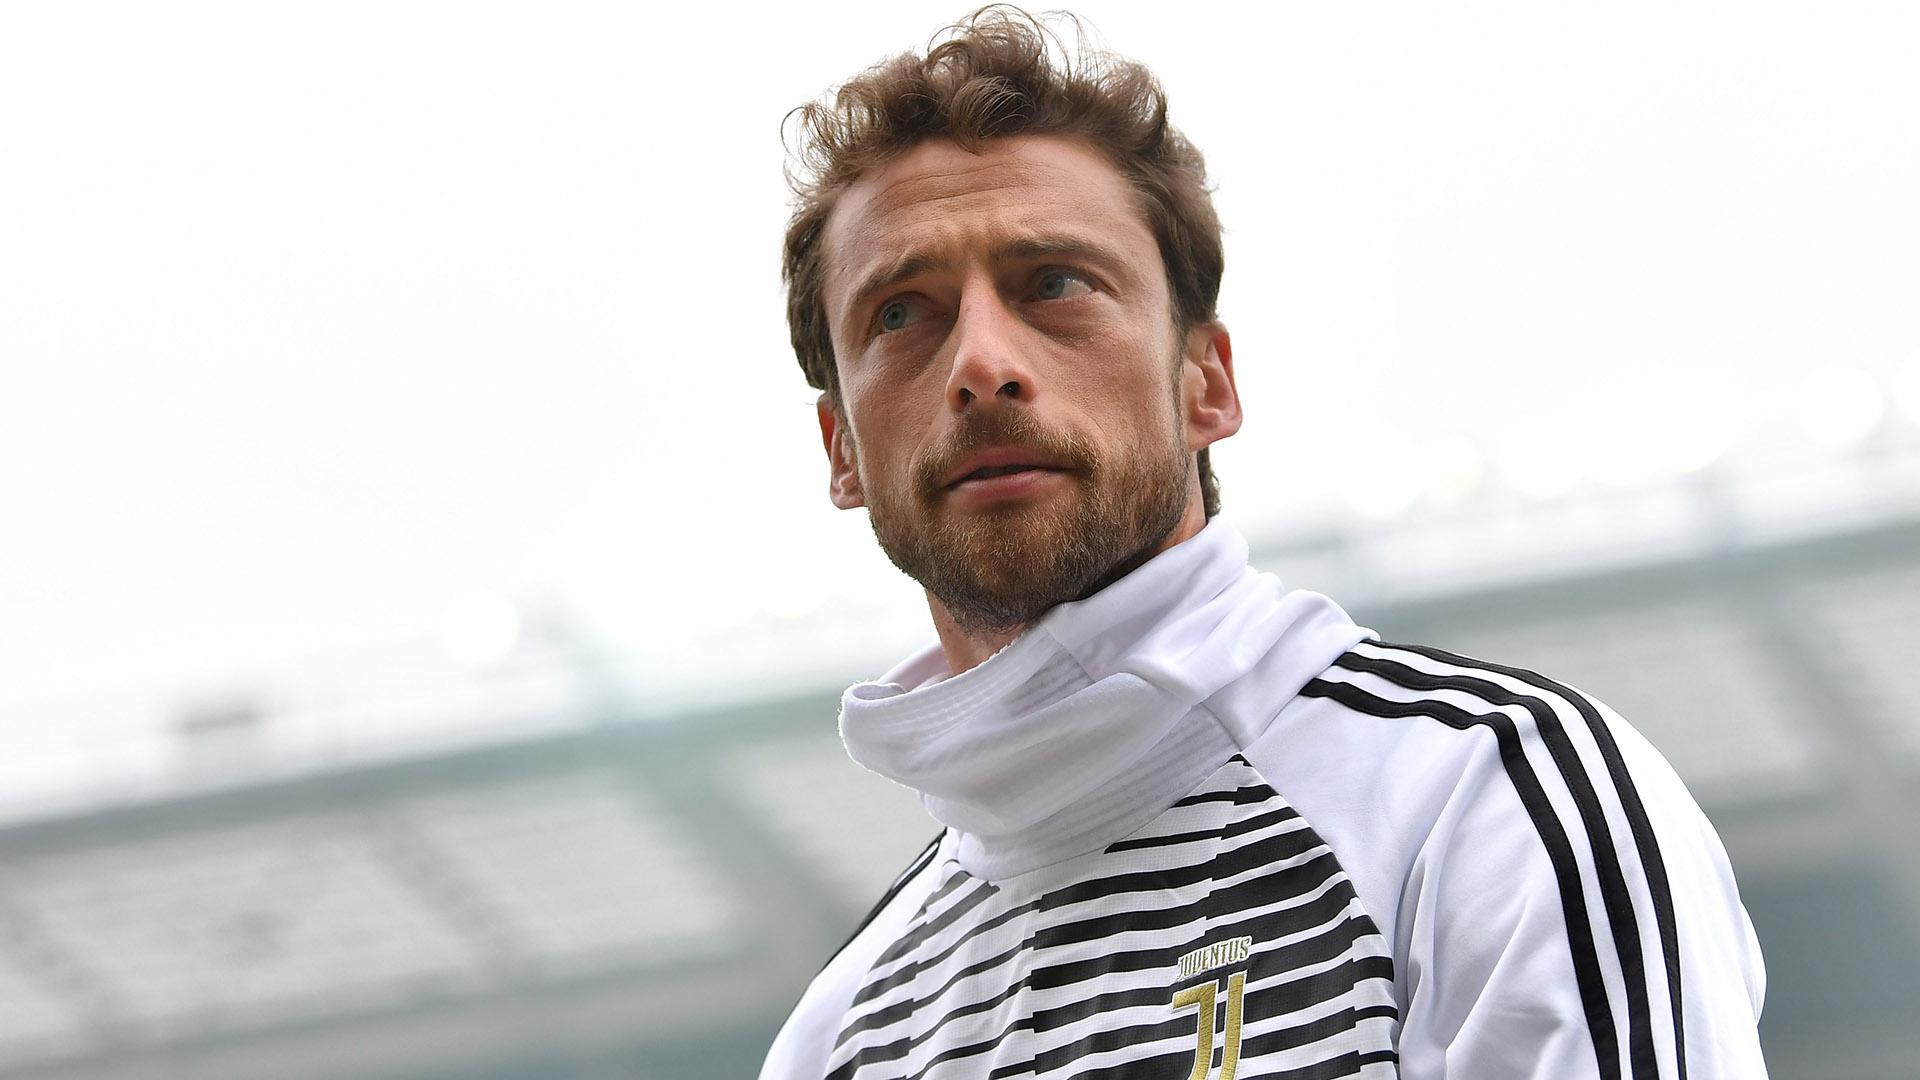 Marchisio, giovedì in programma una conferenza stampa. I dettagli